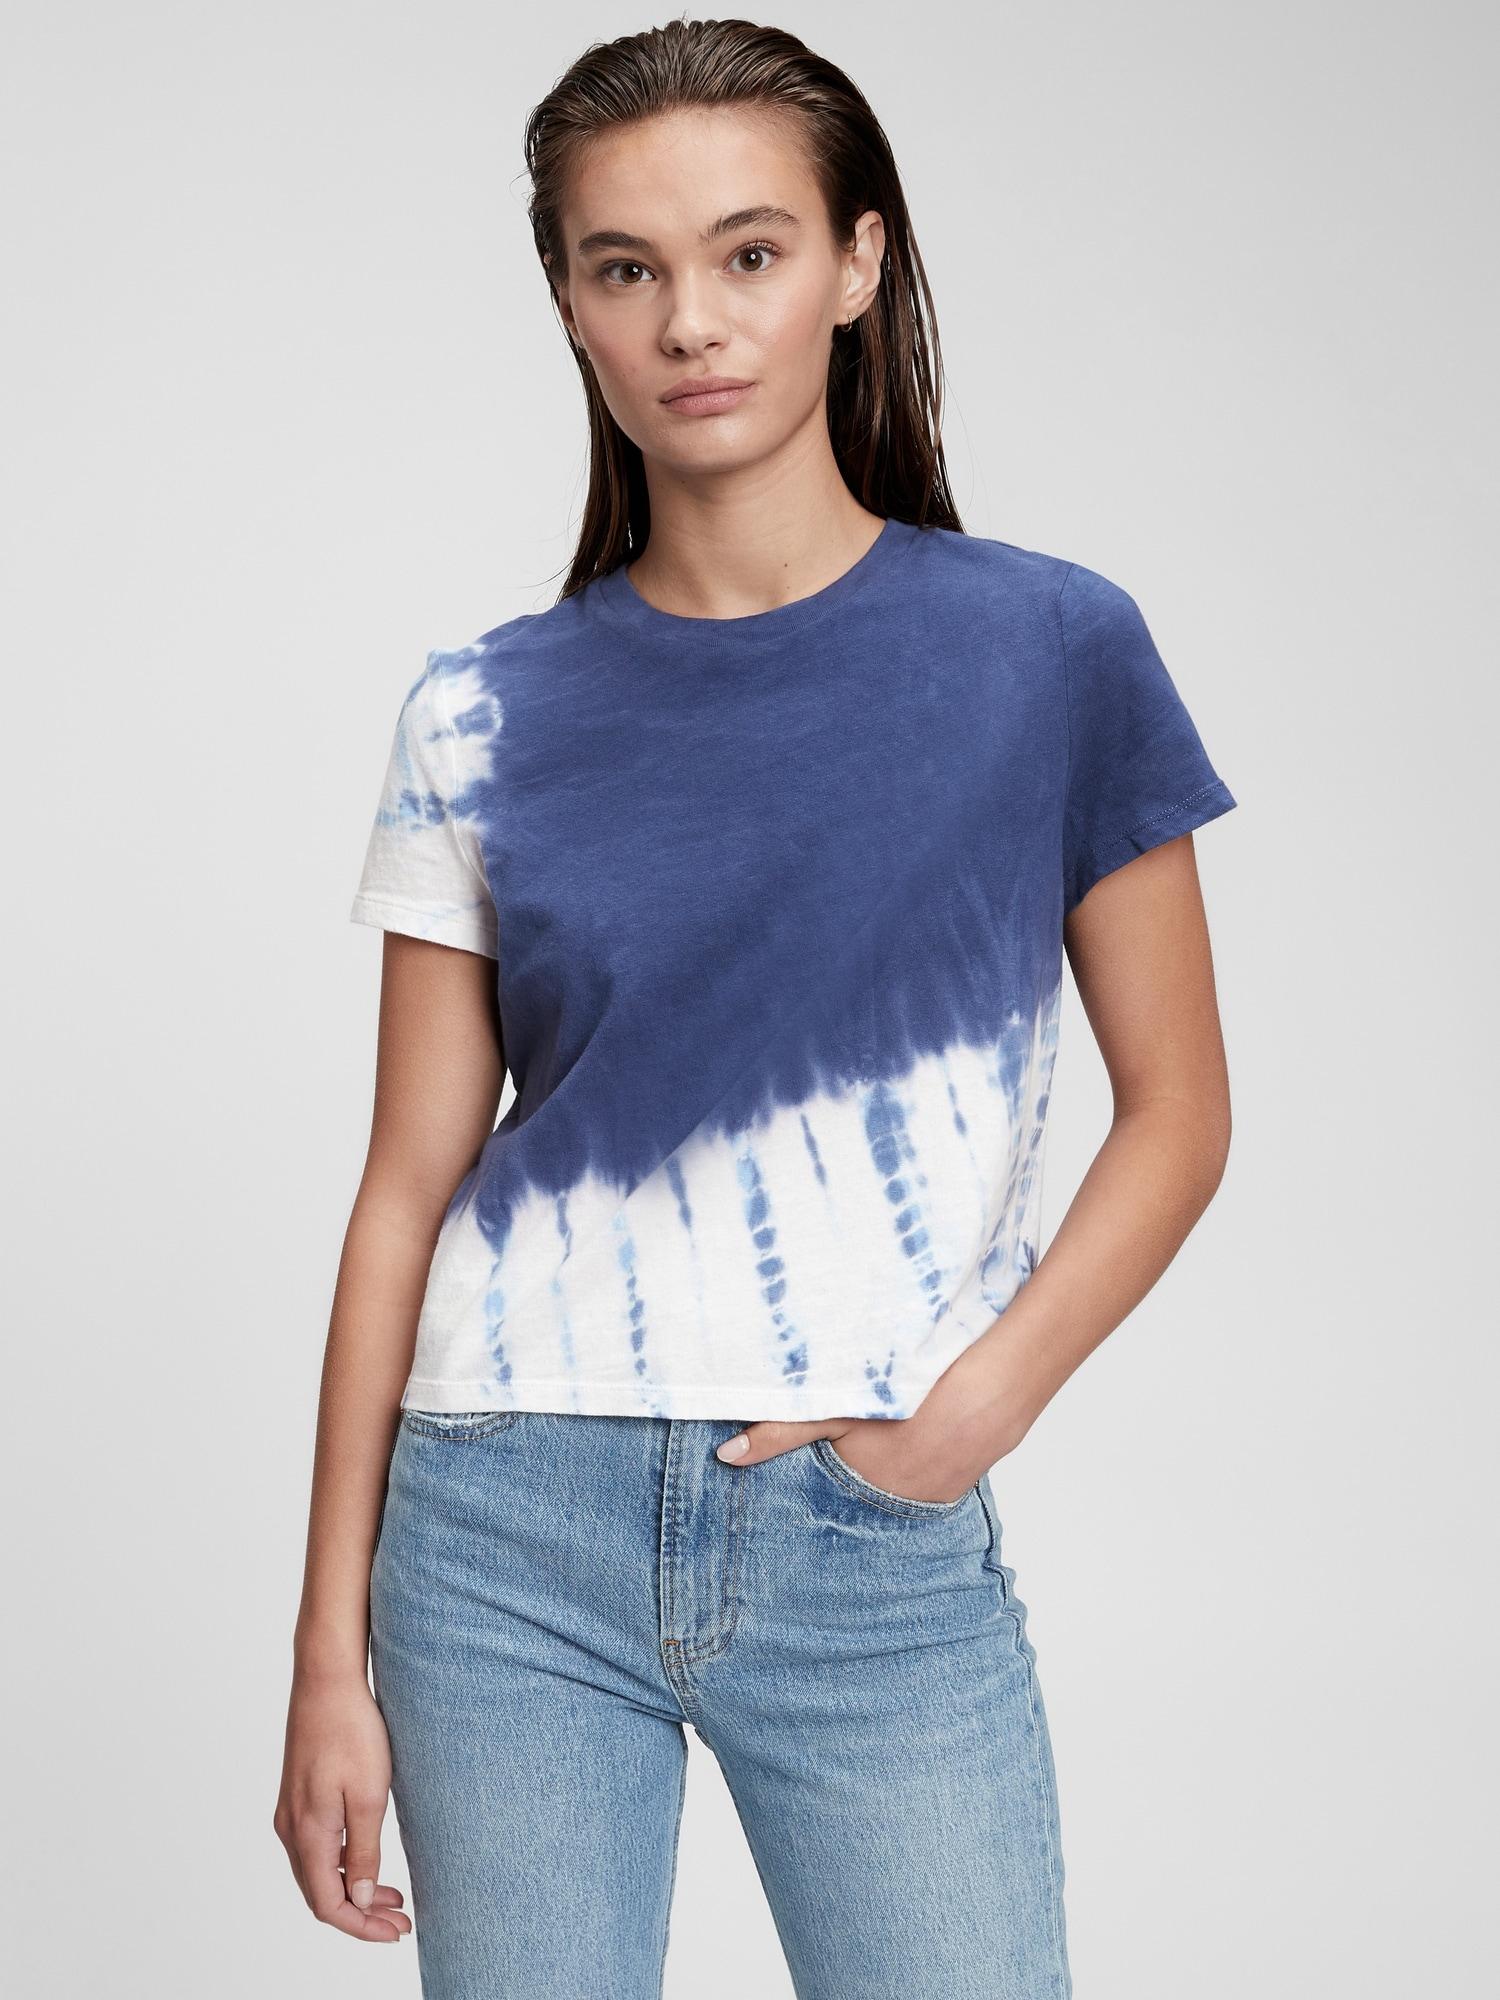 グラフィック シュランクtシャツ